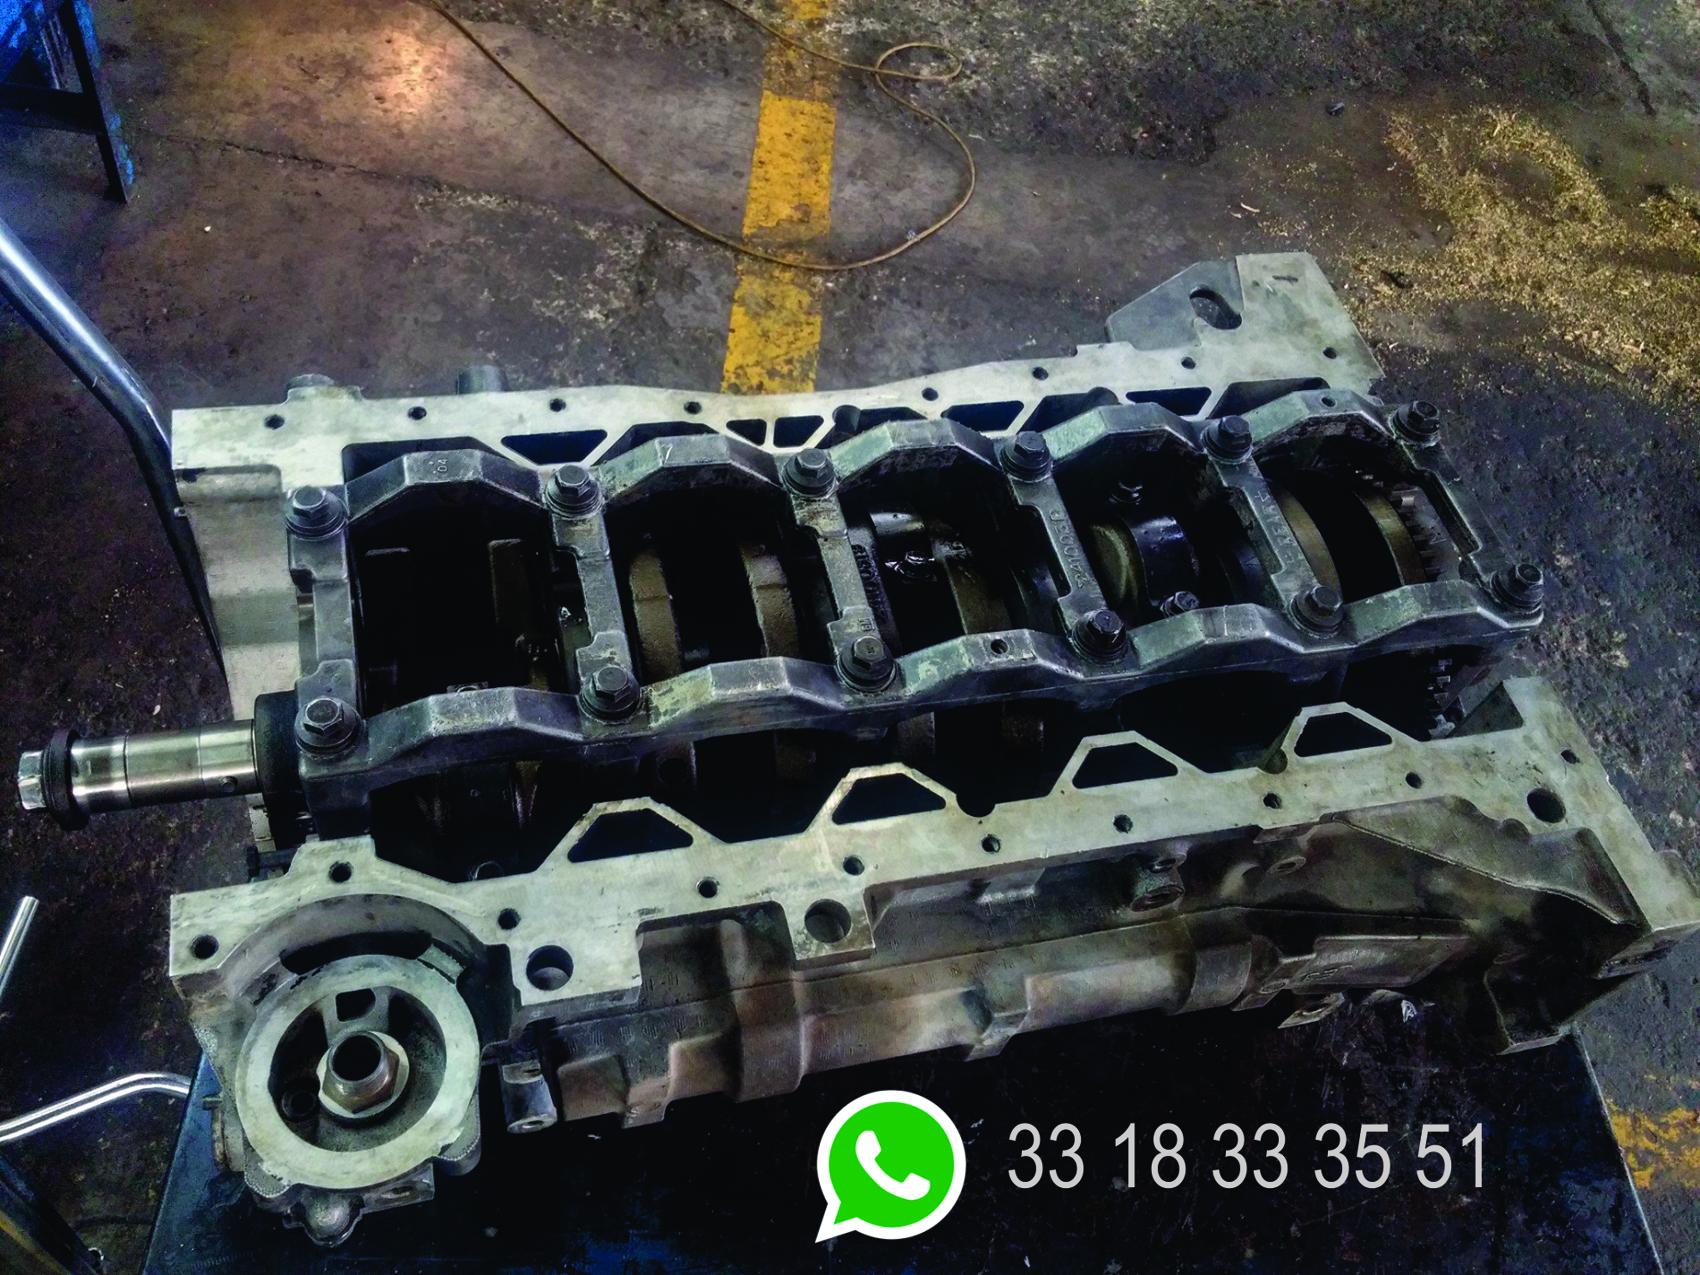 Taller Mecánico GDL Zapopan Servicios